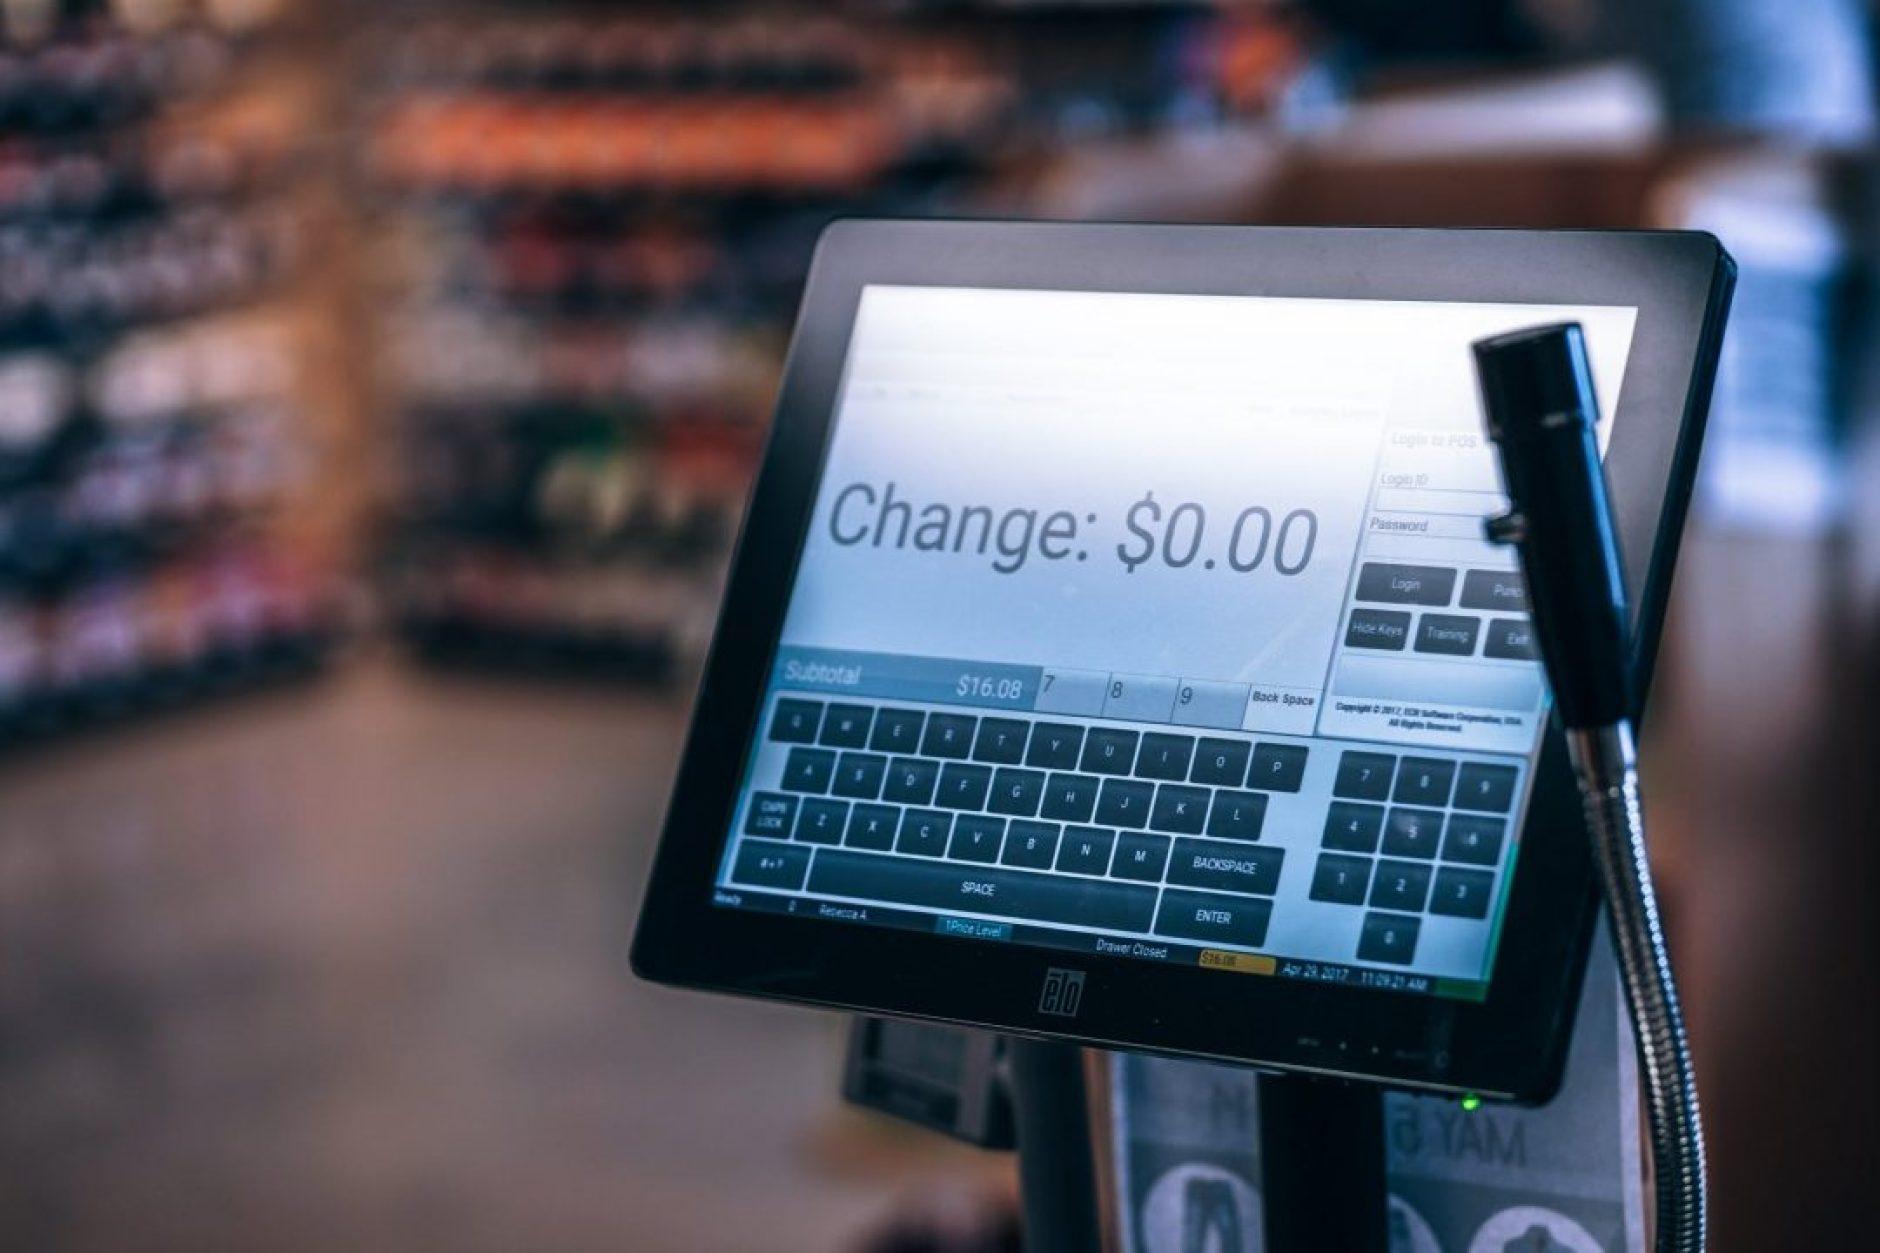 A expectativa é que o dinheiro flua mais rapidamente para o recebedor/vendedor e com custo de transferência baixo. Foto por Fancycrave.com em Pexels.com